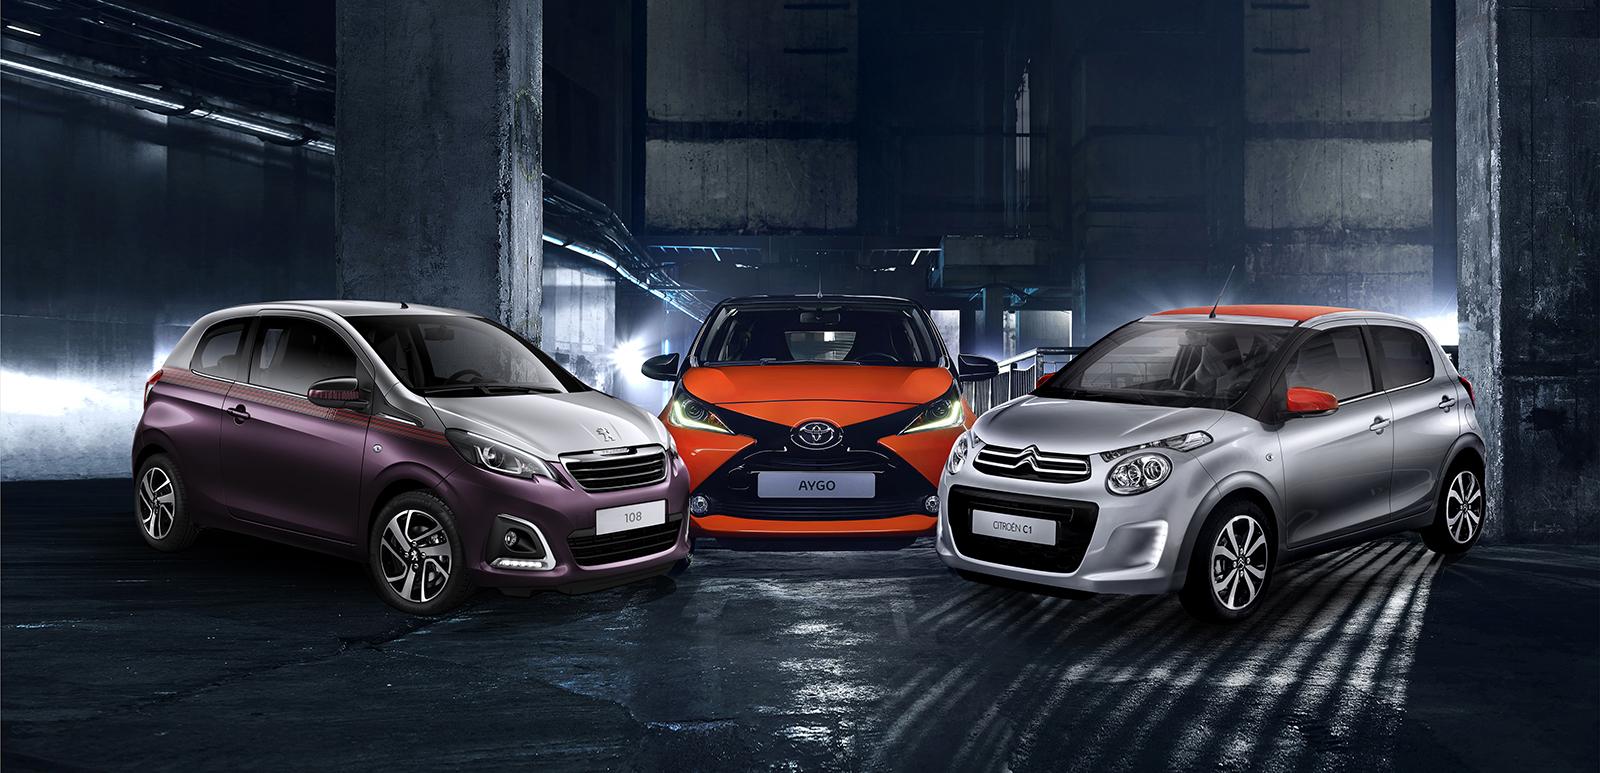 Toyota и PSA го прекинуваат заедничкото производство на моделите Aygo, 108 и С1